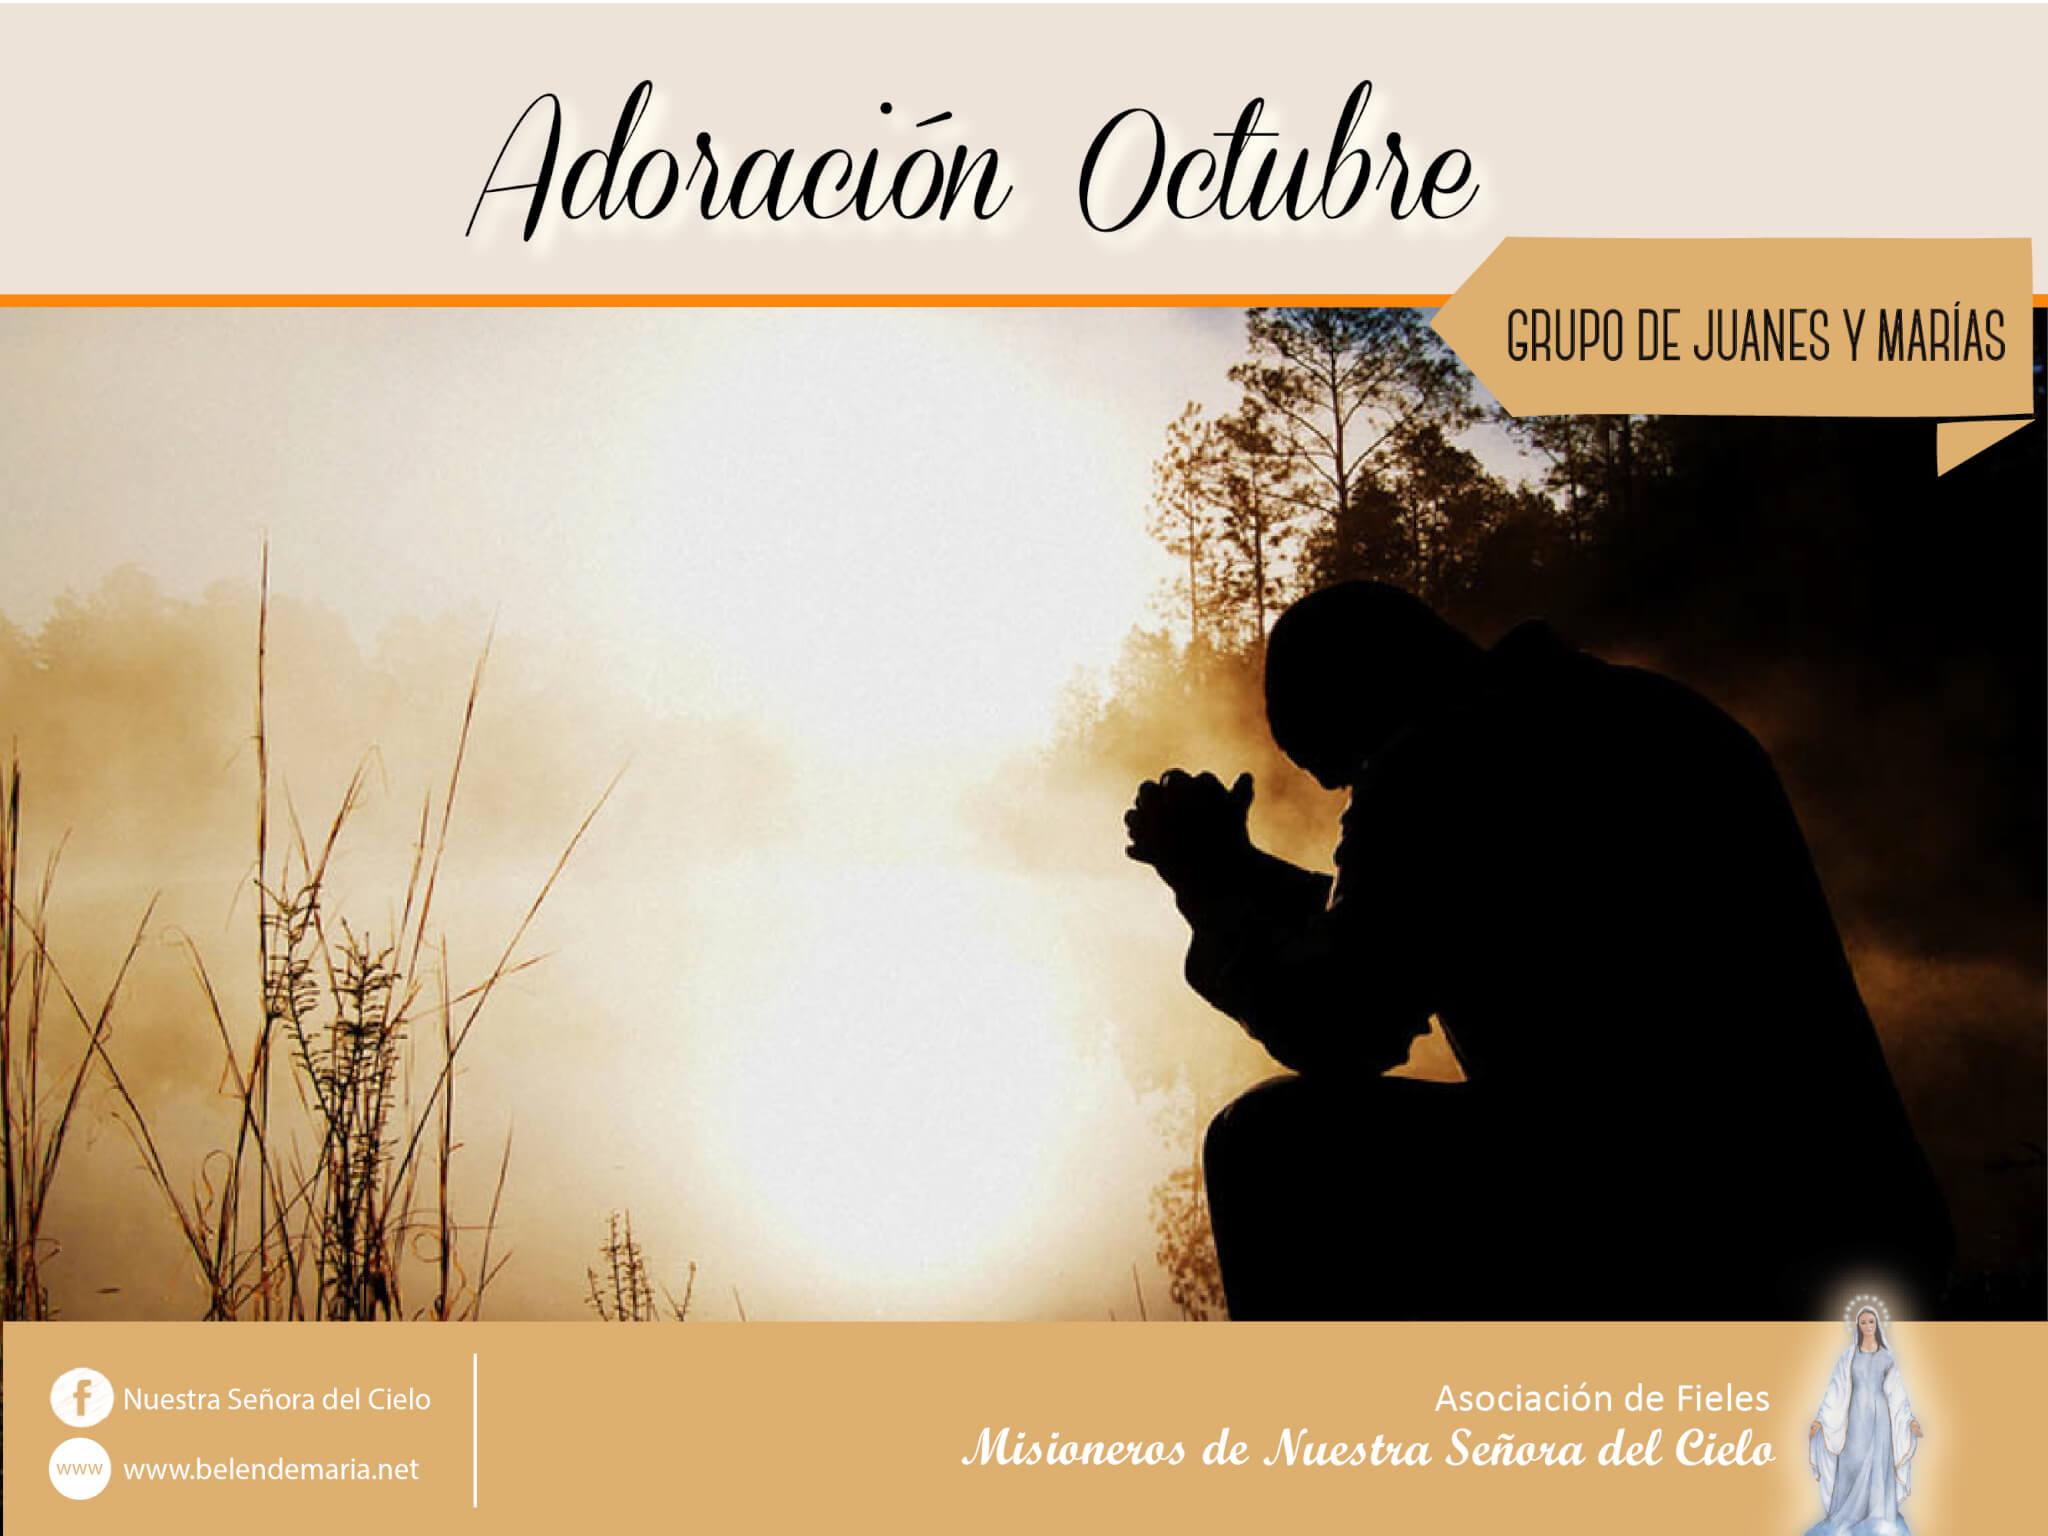 Juanes y Marias: Octubre 2018